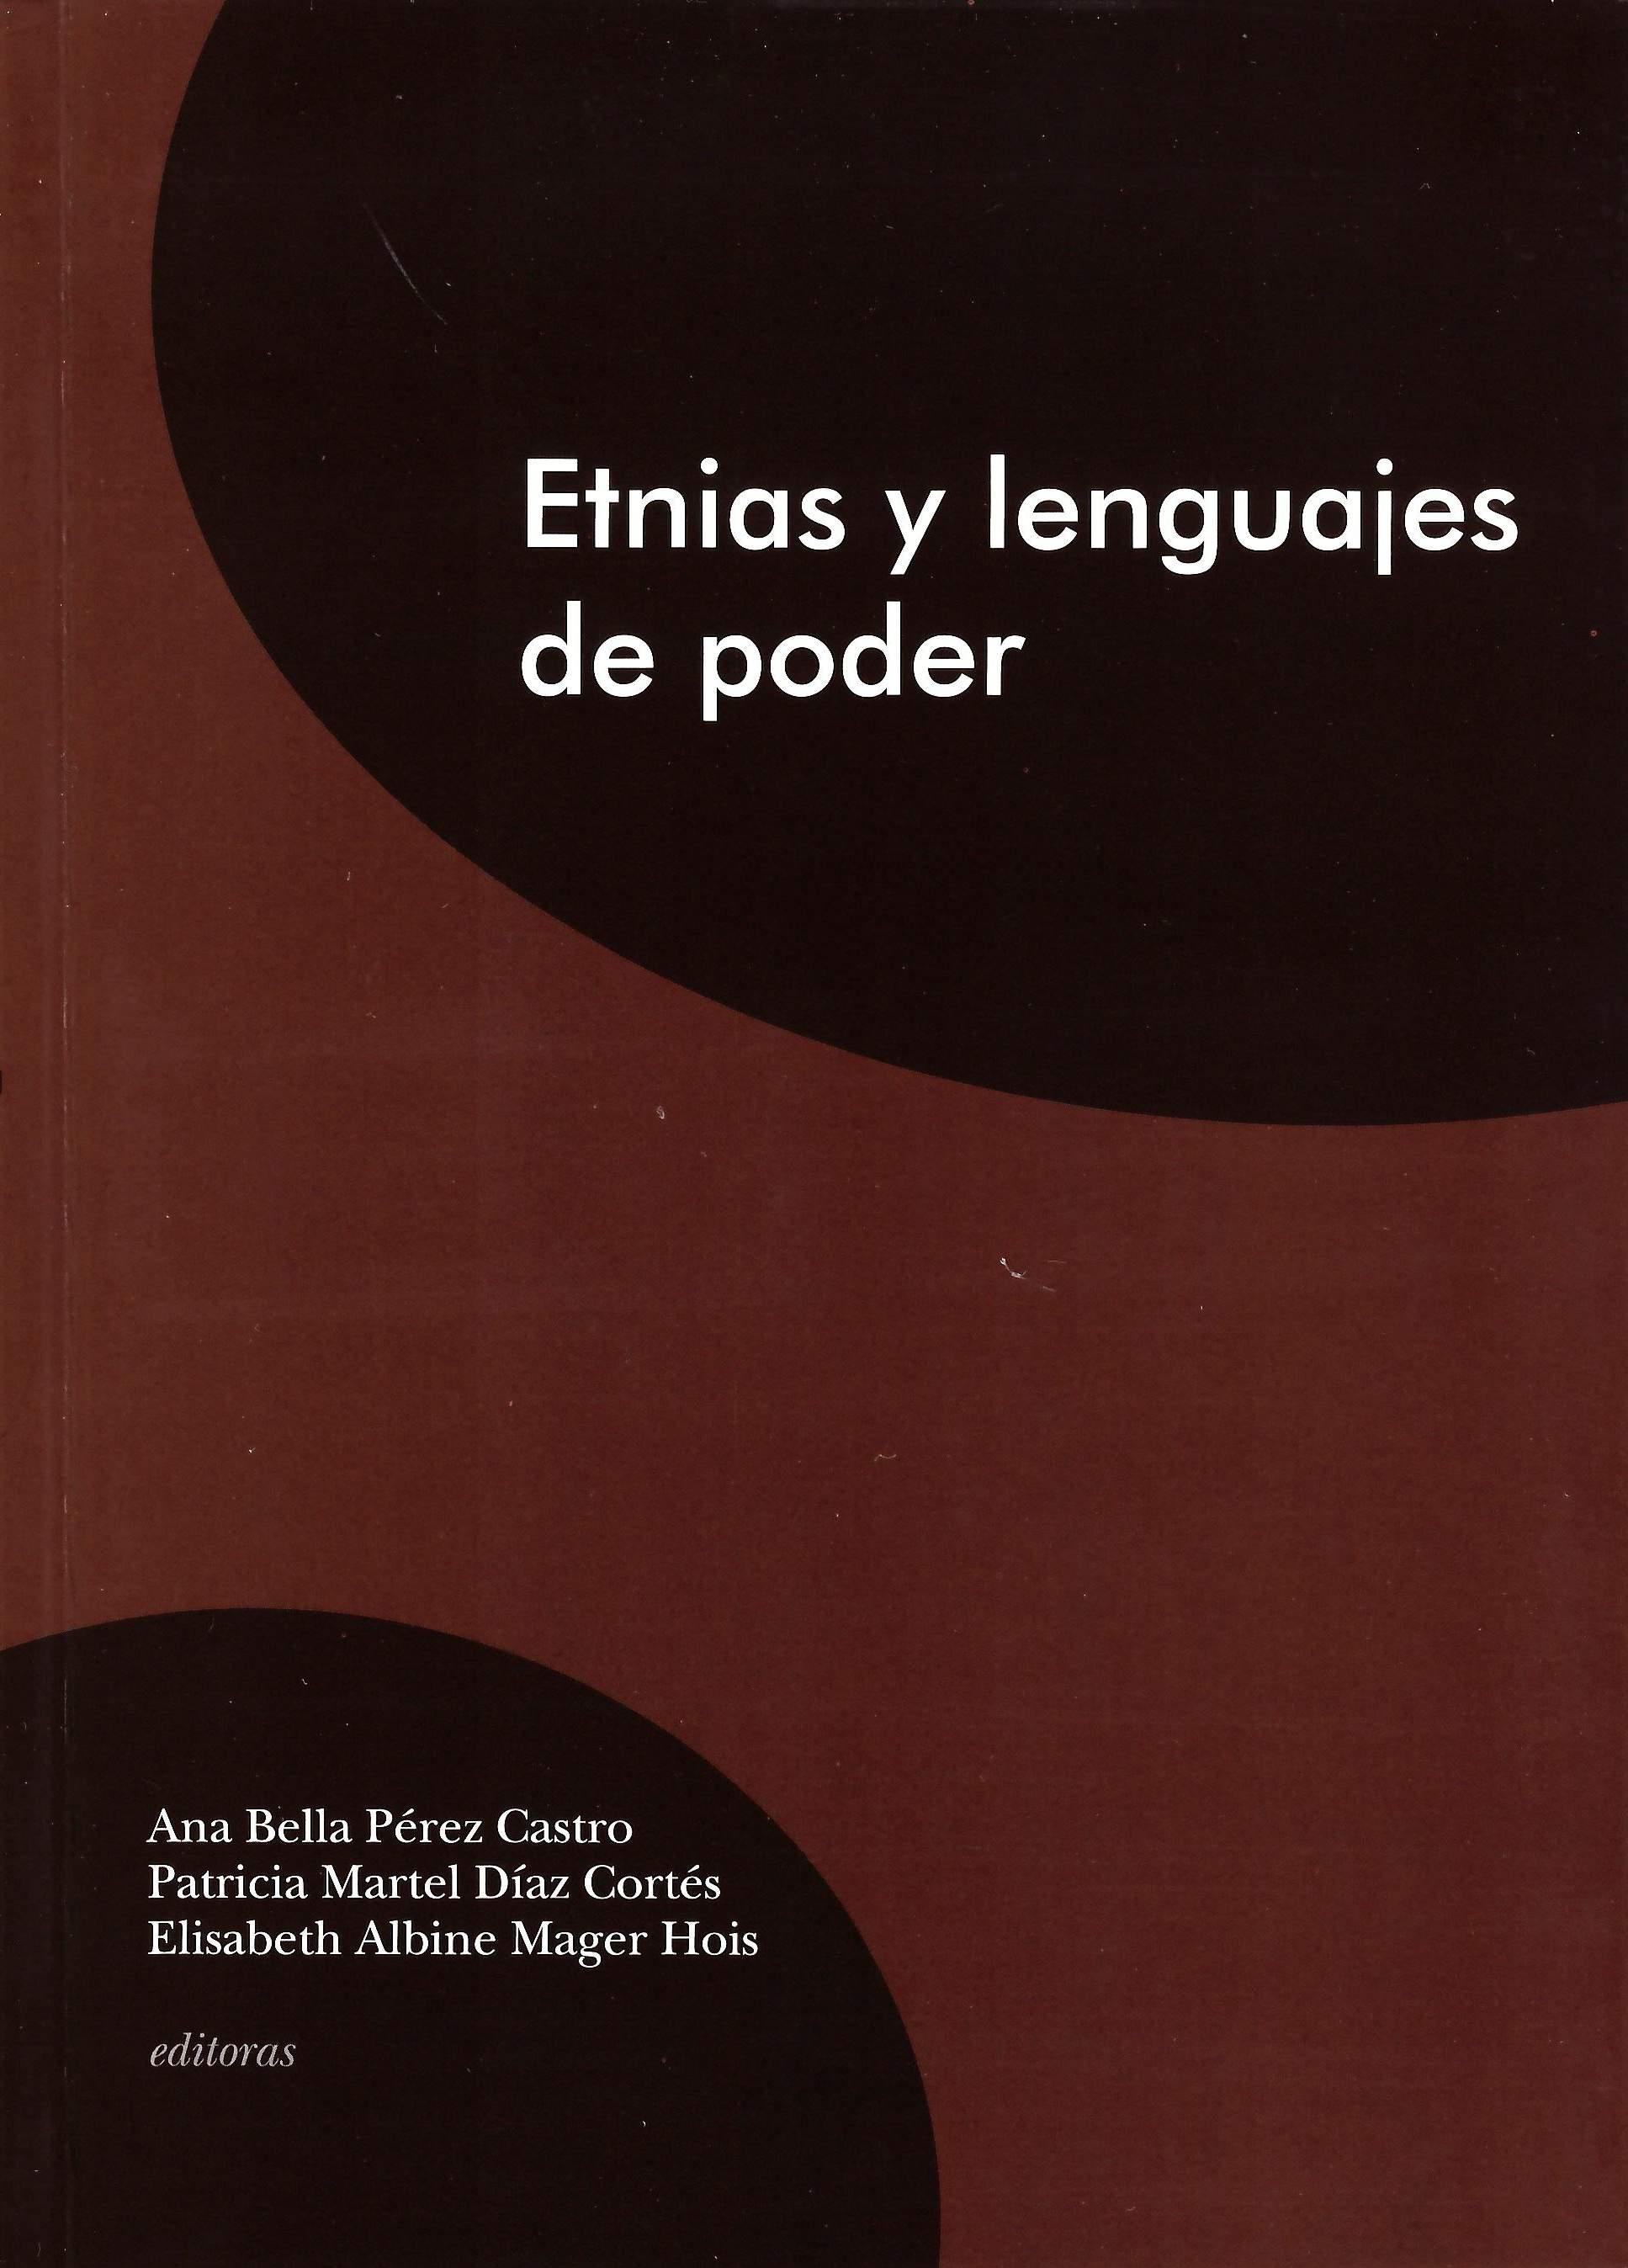 Etnias y lenguajes de poder